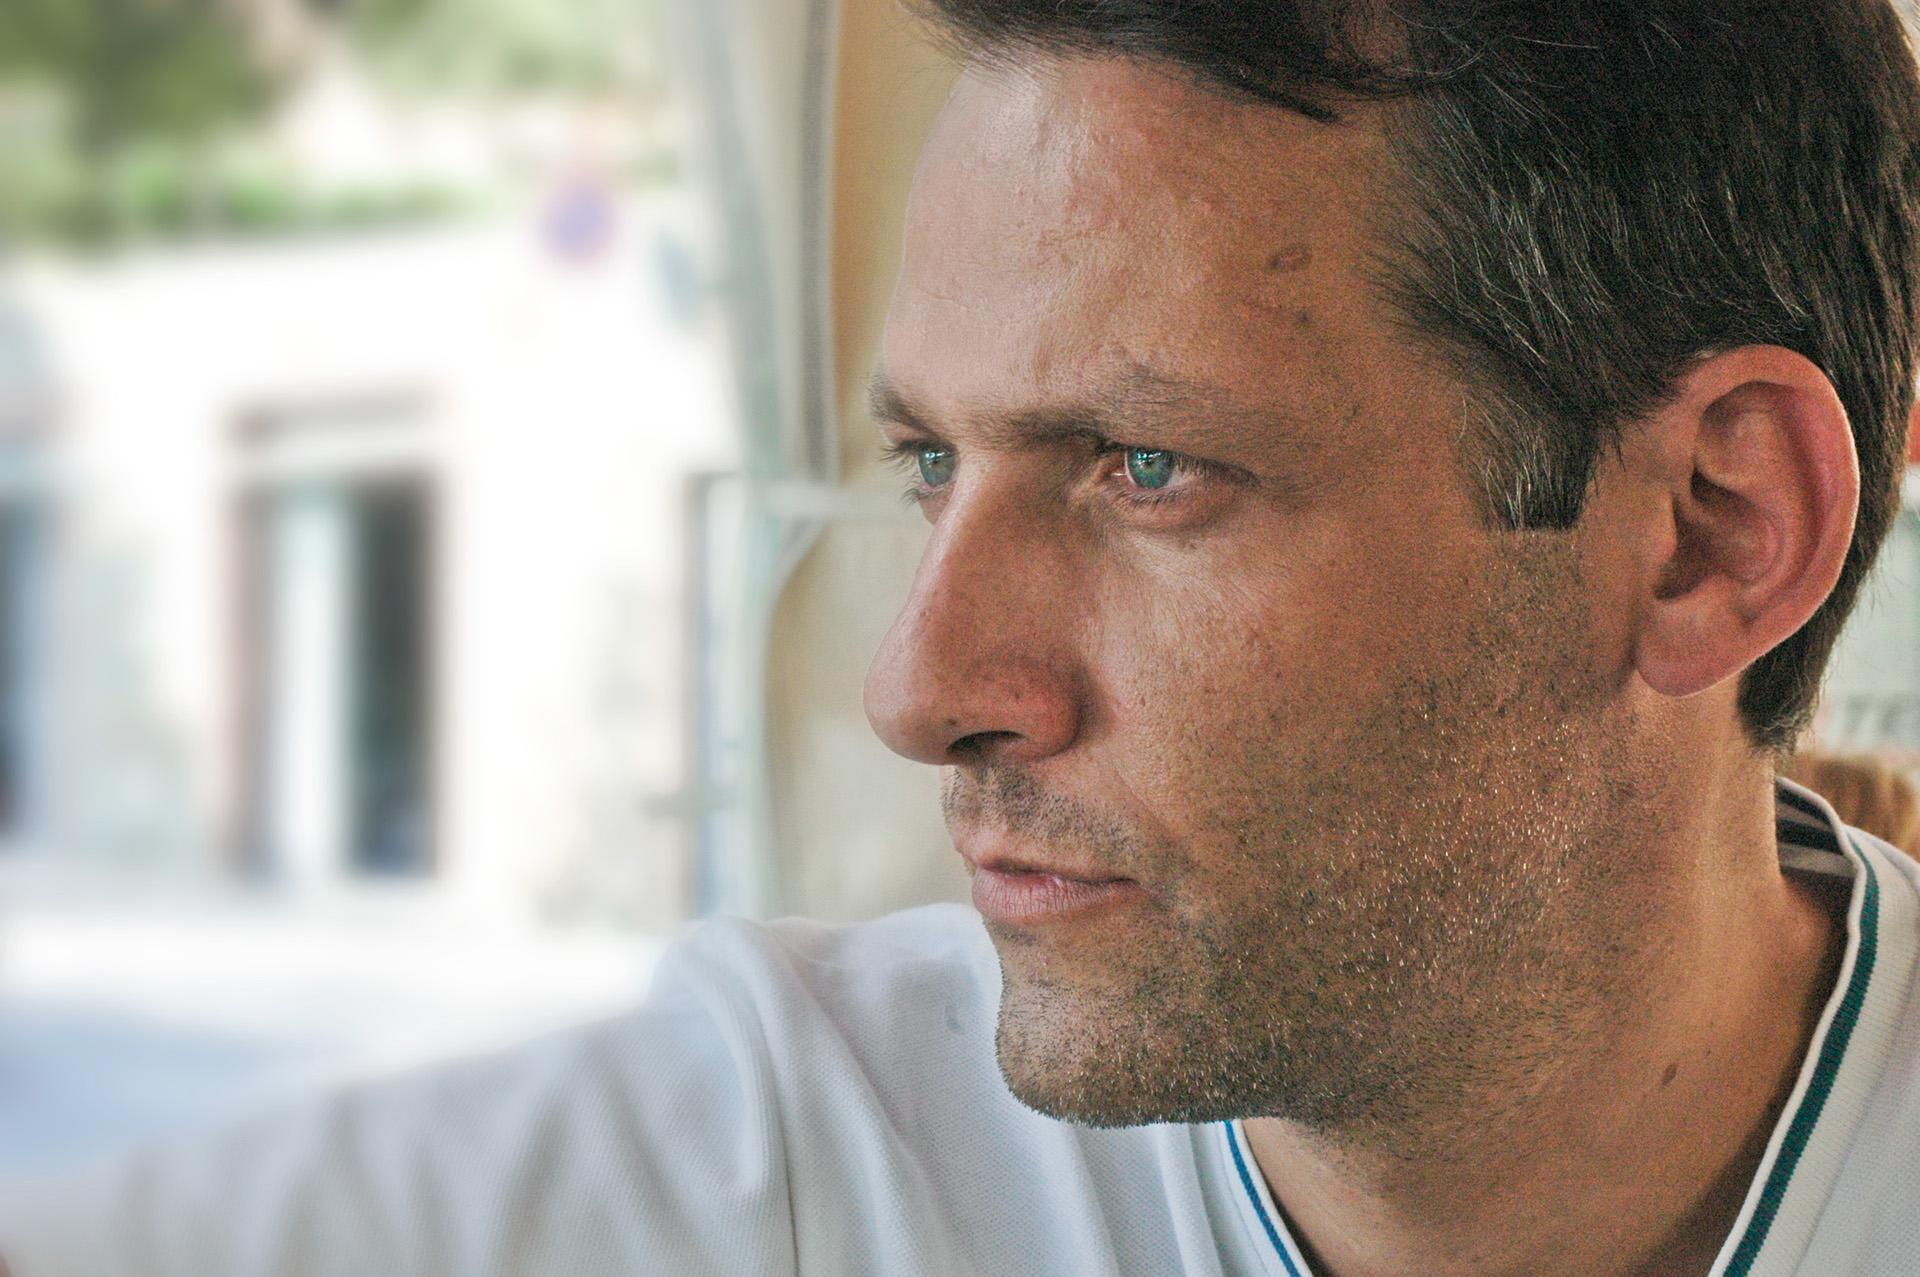 Греческий художник Харис Тсевис